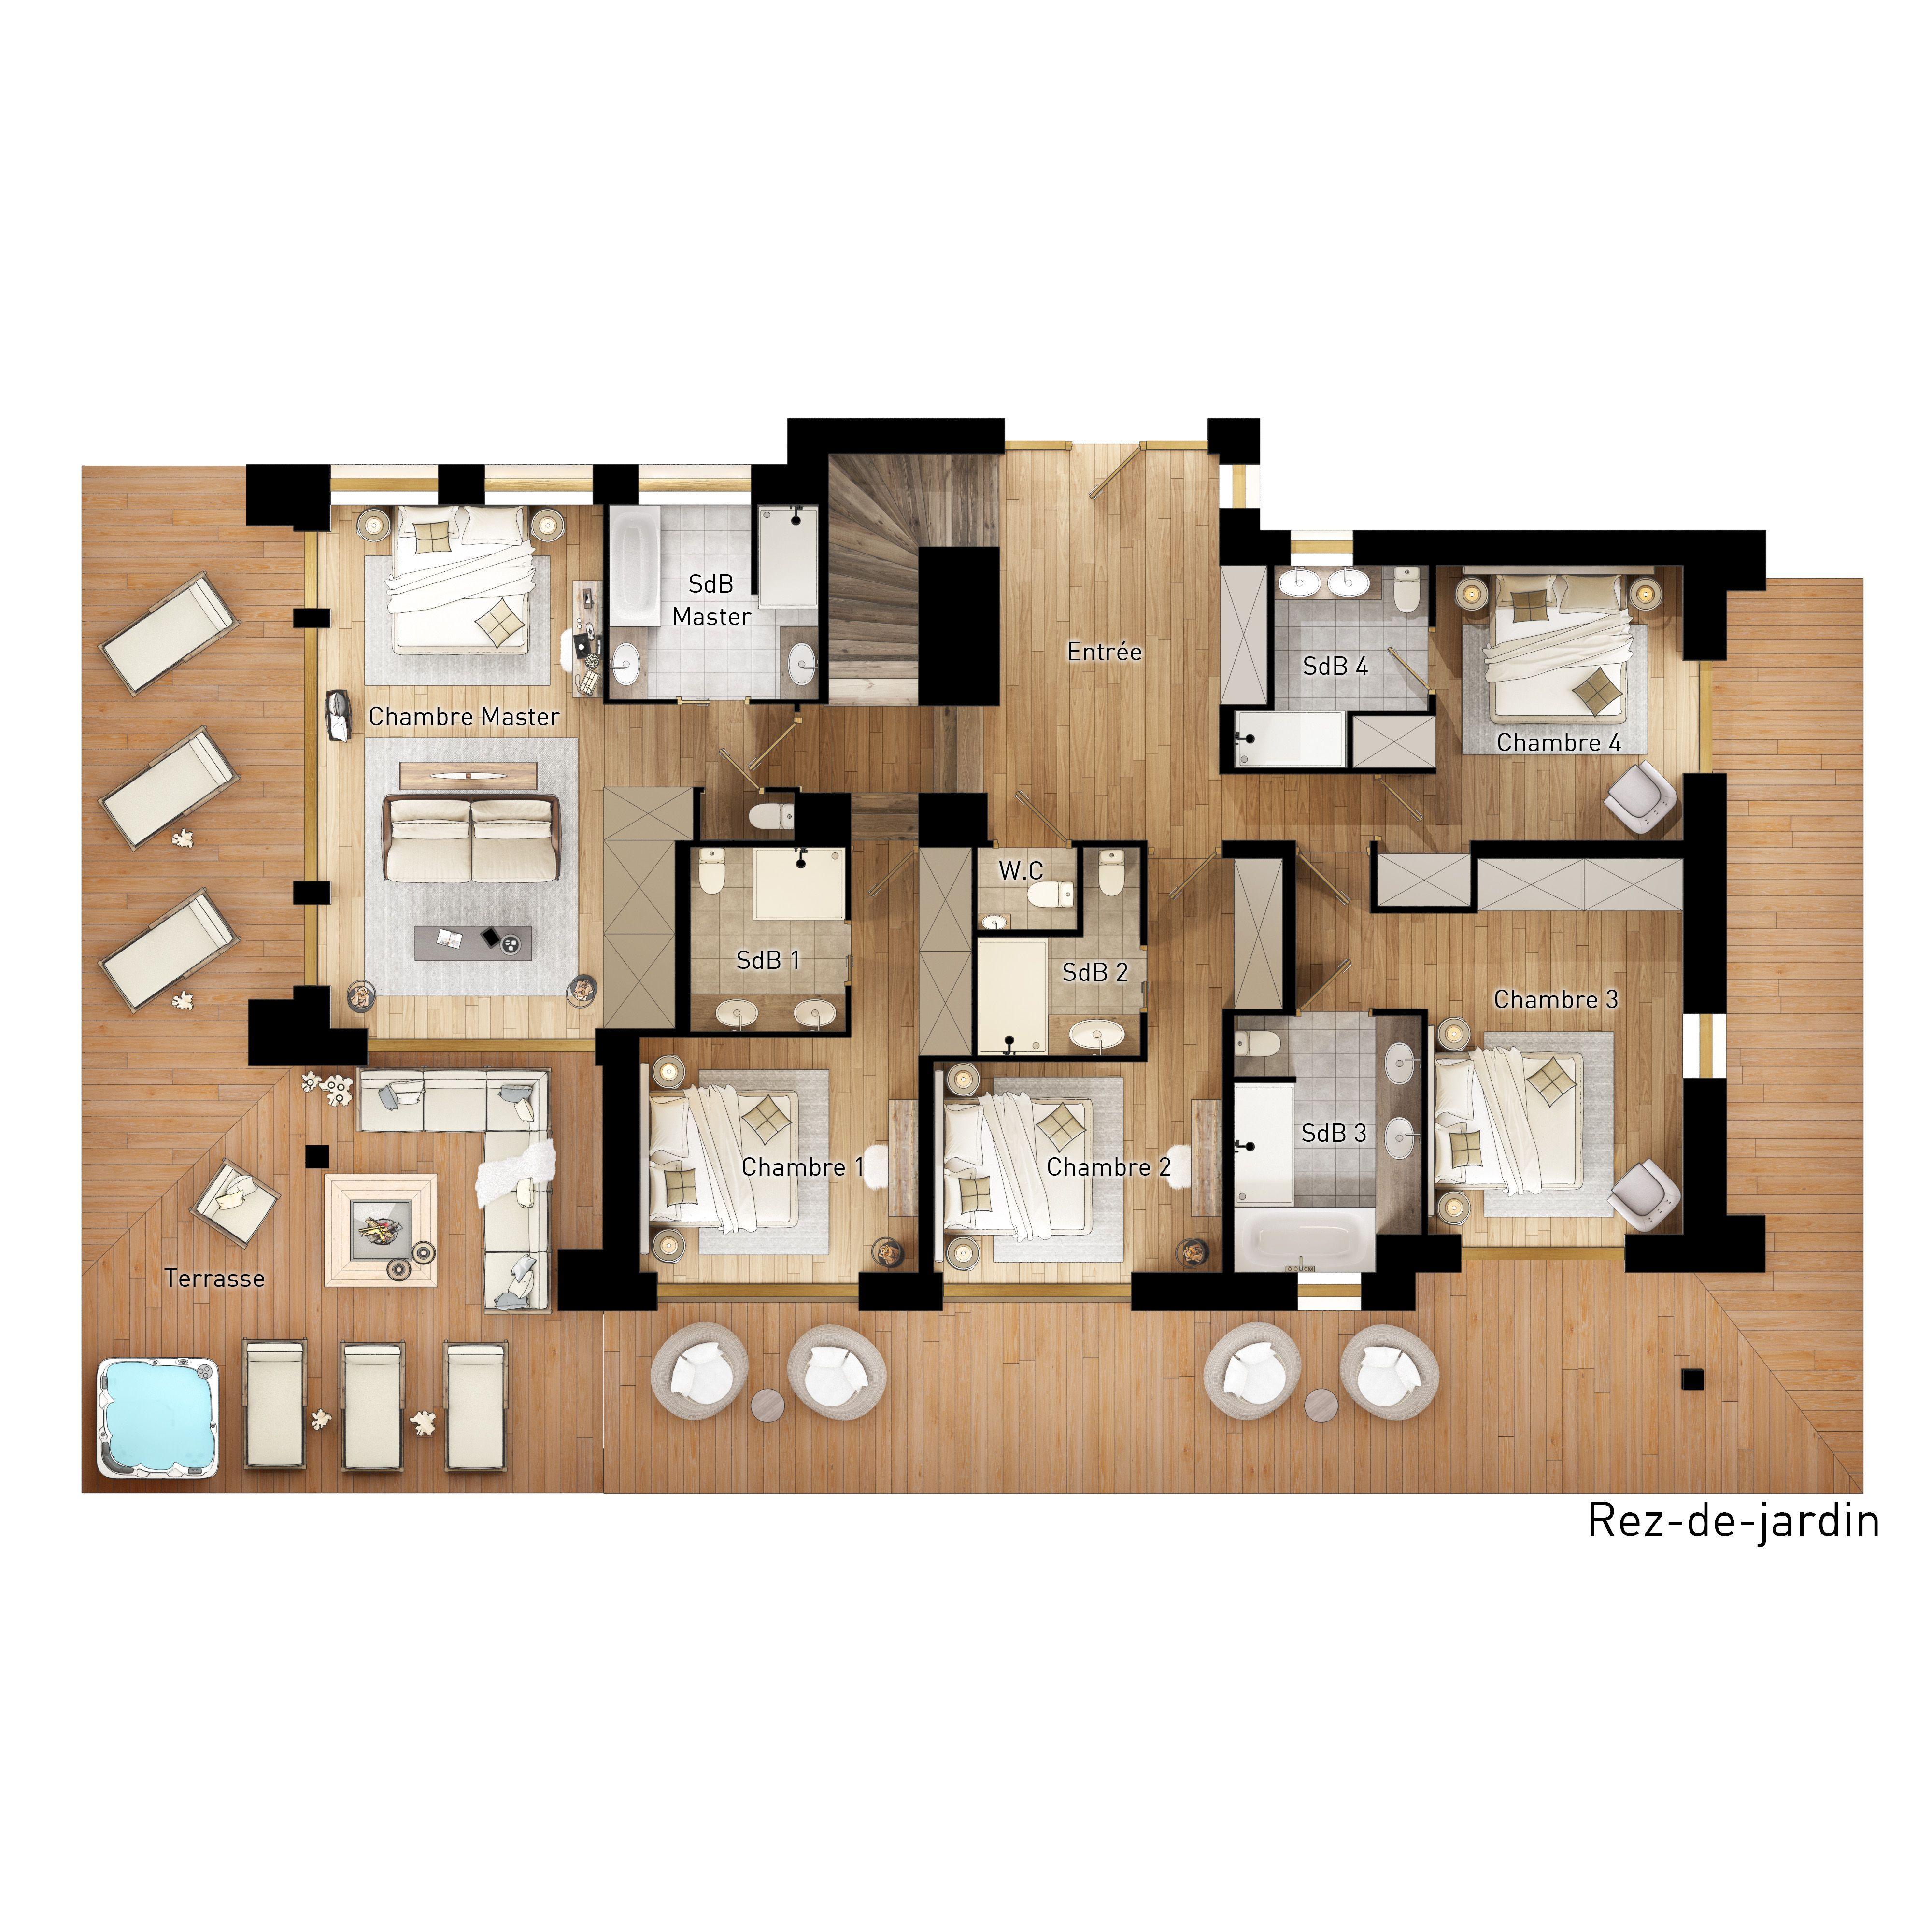 plan chalet-projet immobilier Megeve - construction de luxe-chalet ...